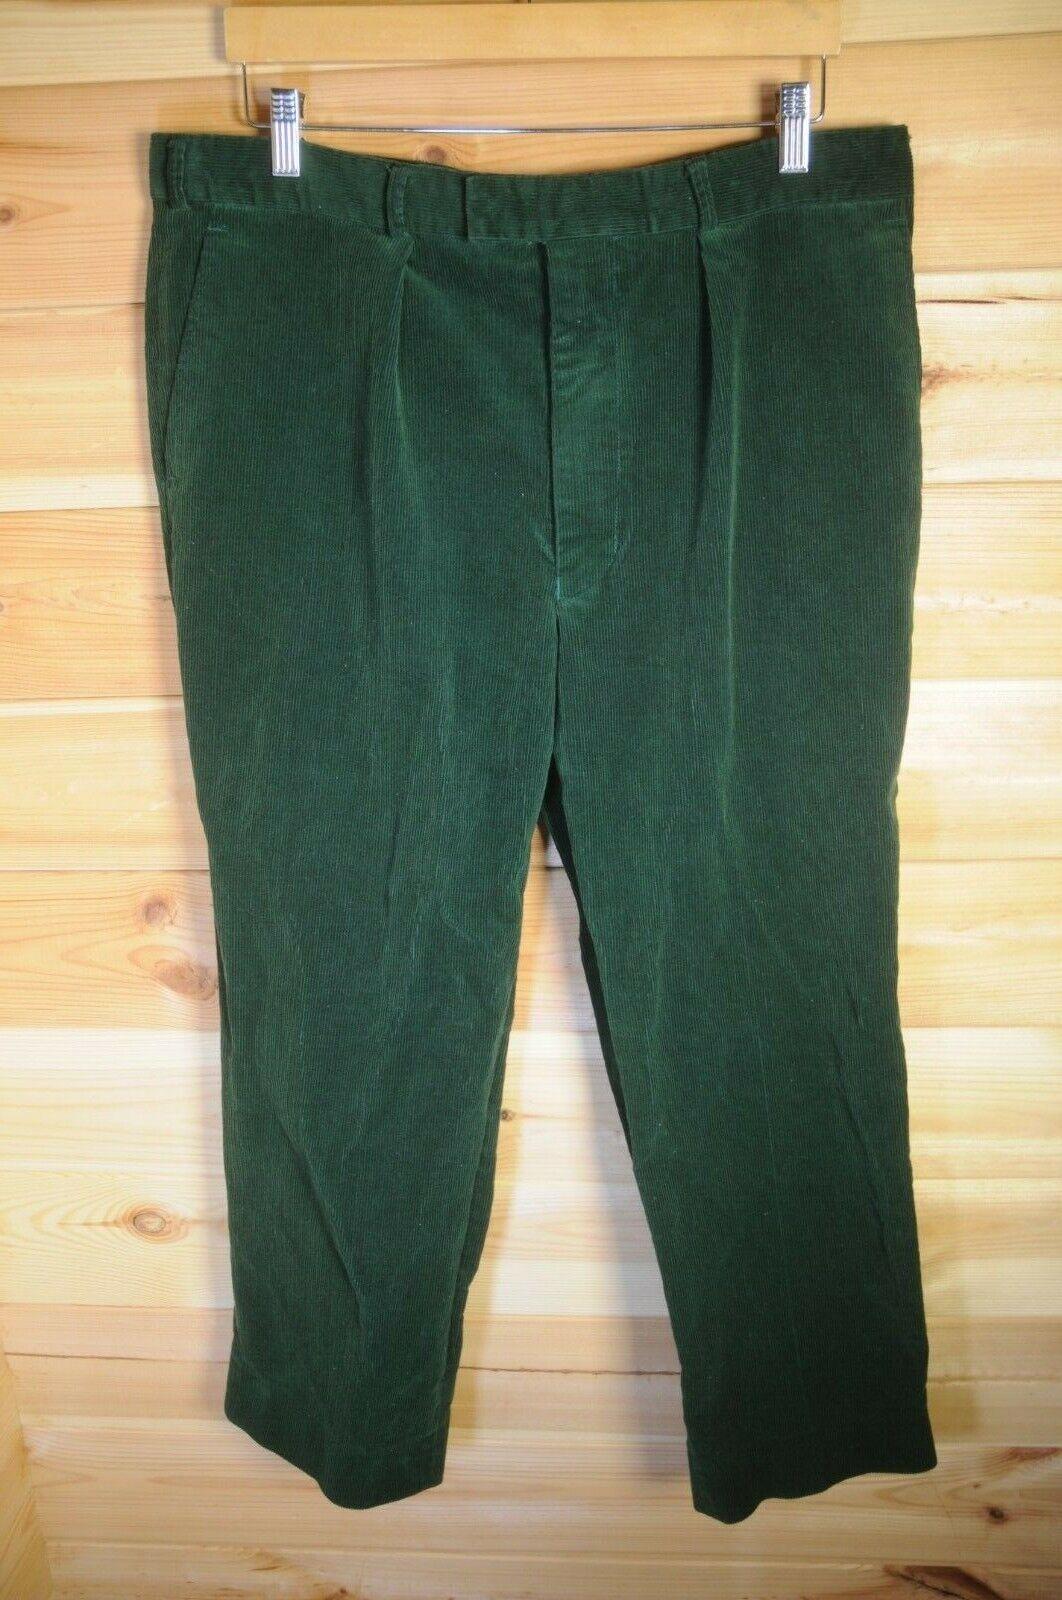 Pakeman Pakeman Pakeman Catto & Carter Grün Micro Corduroy Country Trousers 38x26 | Qualität Produkte  | Zahlreiche In Vielfalt  | Ruf zuerst  | Ideales Geschenk für alle Gelegenheiten  | Online-Exportgeschäft  1182d1